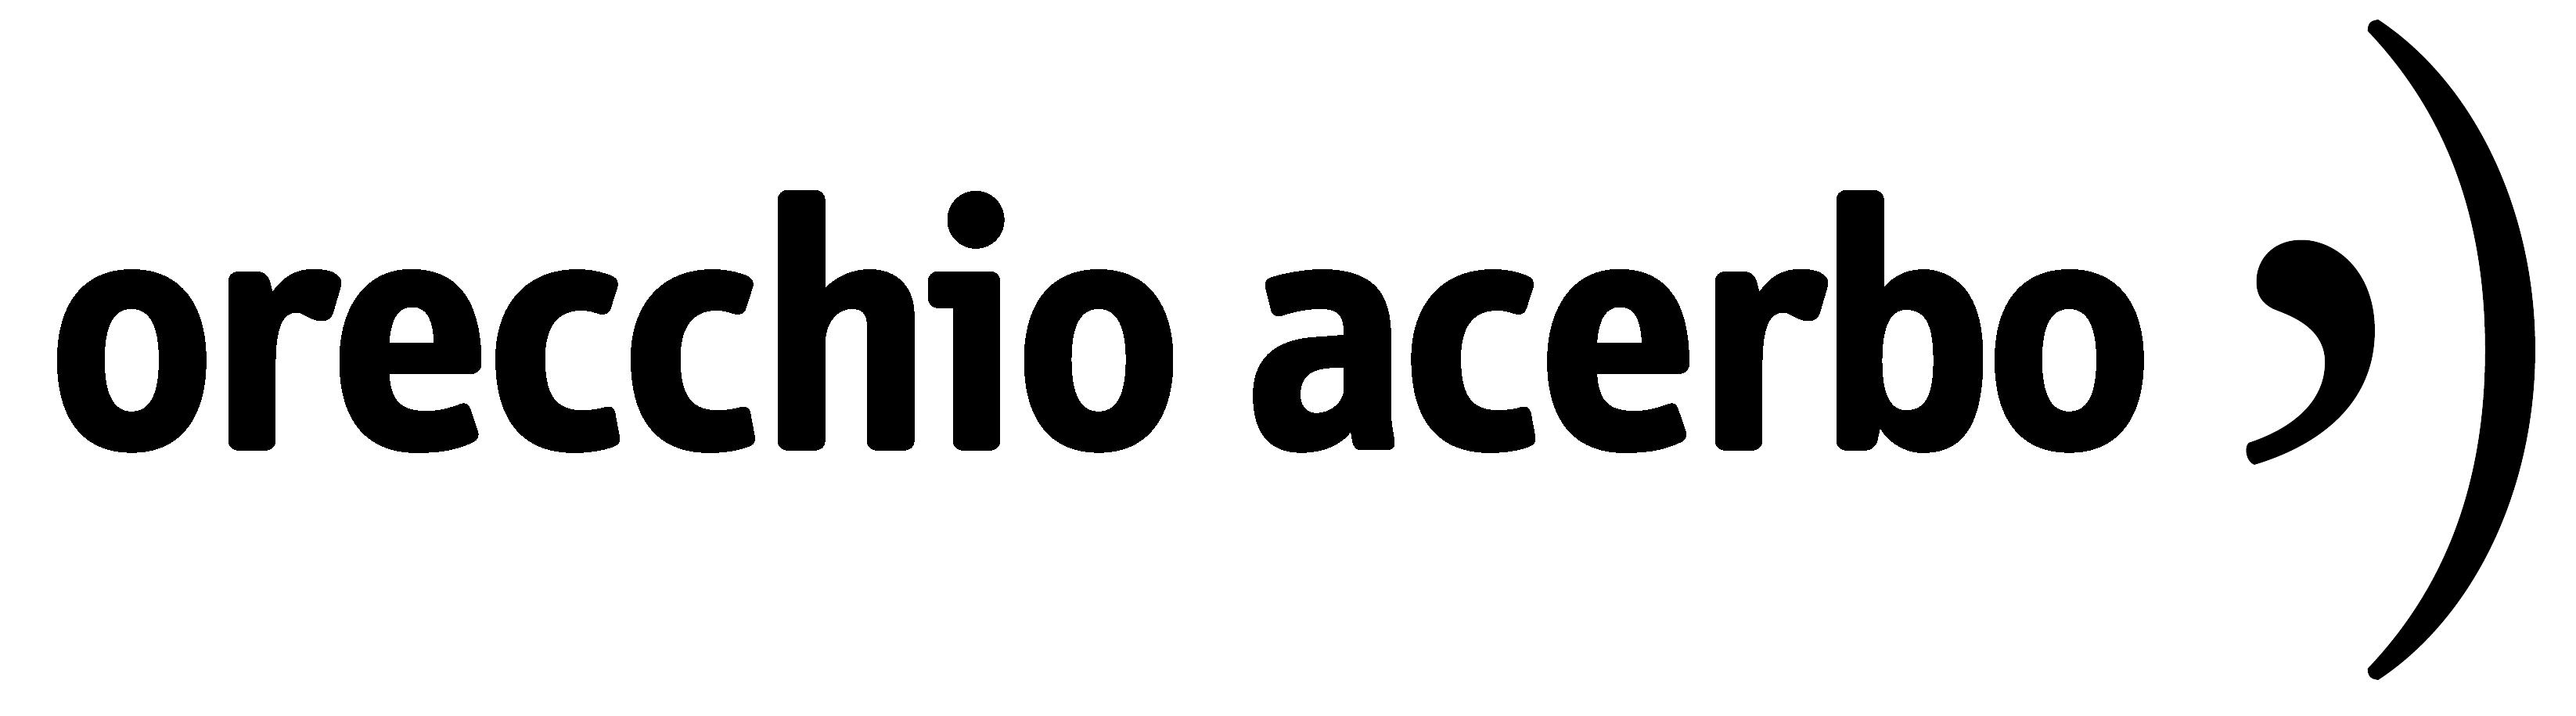 Orecchio Acerbo